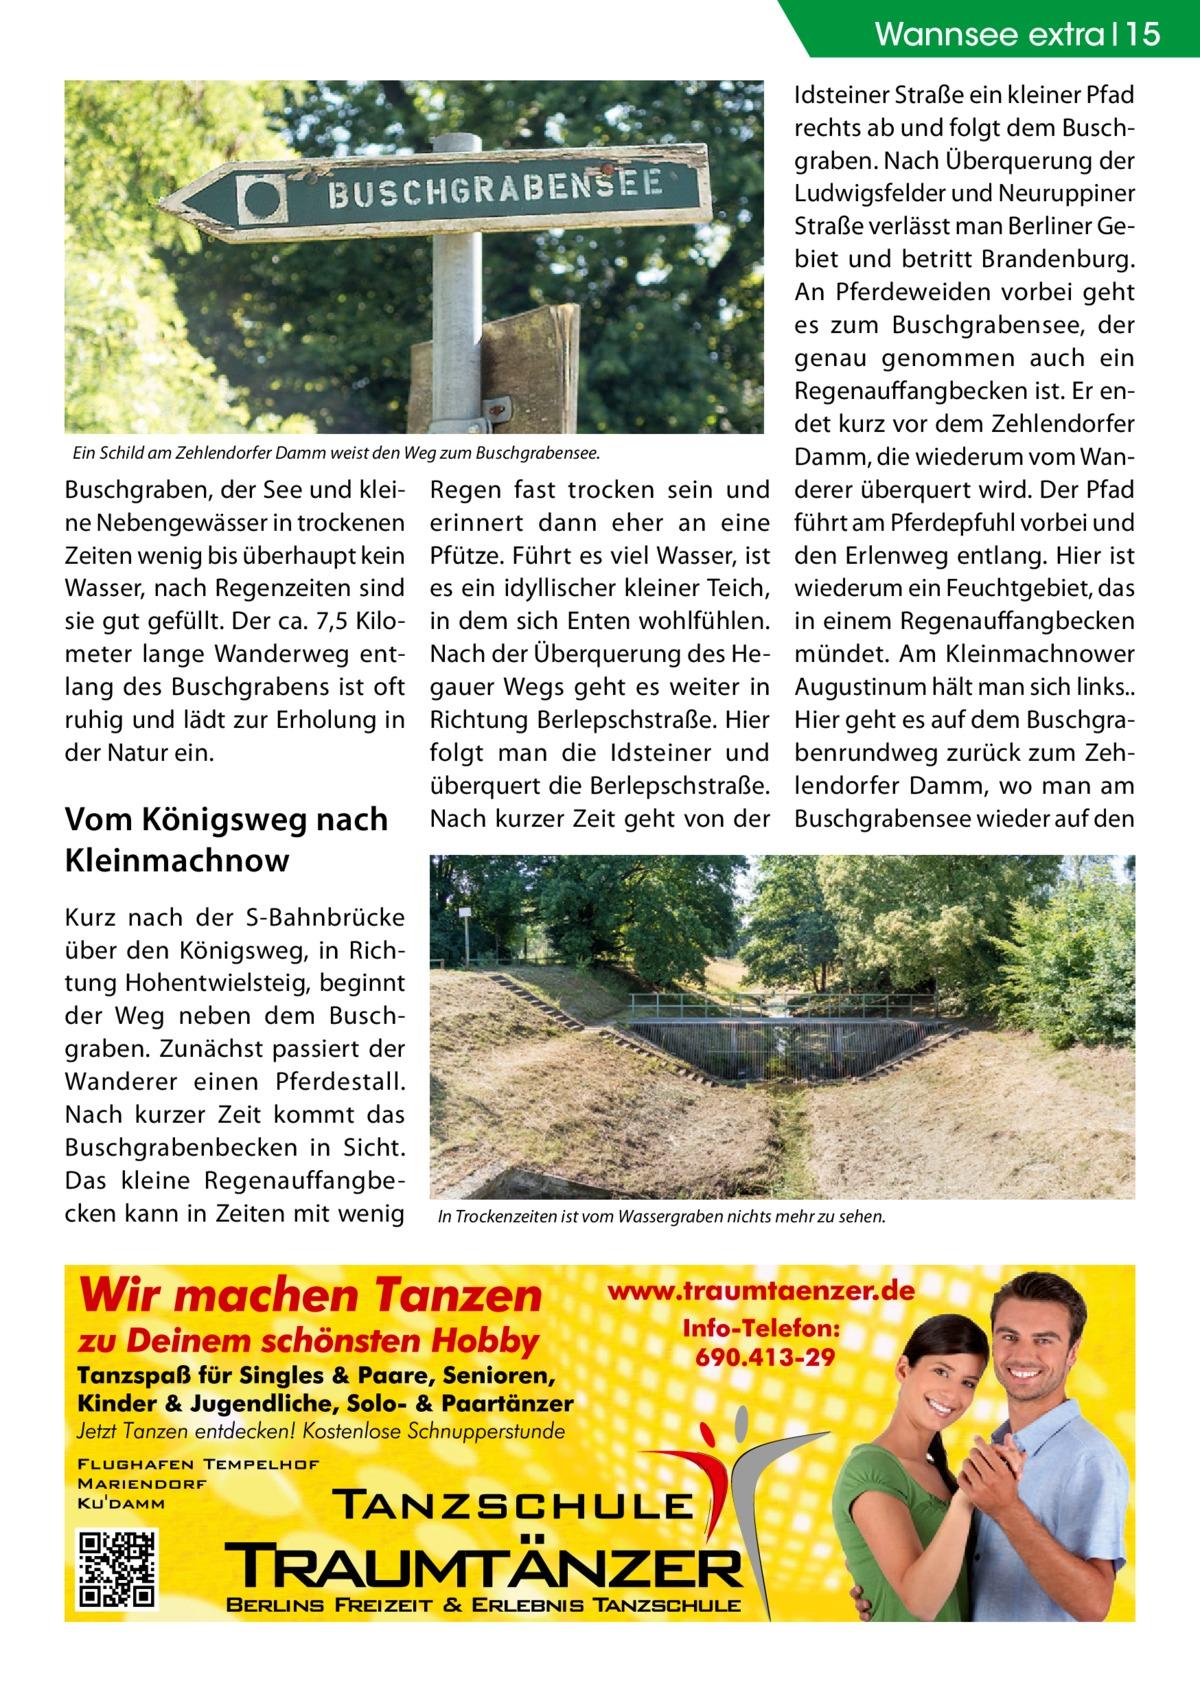 Wannsee extra 15  Ein Schild am Zehlendorfer Damm weist den Weg zum Buschgrabensee.  Buschgraben, der See und kleine Nebengewässer in trockenen Zeiten wenig bis überhaupt kein Wasser, nach Regenzeiten sind sie gut gefüllt. Der ca. 7,5Kilometer lange Wanderweg entlang des Buschgrabens ist oft ruhig und lädt zur Erholung in der Natur ein.  Vom Königsweg nach Kleinmachnow Kurz nach der S-Bahnbrücke über den Königsweg, in Richtung Hohentwielsteig, beginnt der Weg neben dem Buschgraben. Zunächst passiert der Wanderer einen Pferdestall. Nach kurzer Zeit kommt das Buschgrabenbecken in Sicht. Das kleine Regenauffangbecken kann in Zeiten mit wenig  Regen fast trocken sein und erinnert dann eher an eine Pfütze. Führt es viel Wasser, ist es ein idyllischer kleiner Teich, in dem sich Enten wohlfühlen. Nach der Überquerung des Hegauer Wegs geht es weiter in Richtung Berlepschstraße. Hier folgt man die Idsteiner und überquert die Berlepschstraße. Nach kurzer Zeit geht von der  Idsteiner Straße ein kleiner Pfad rechts ab und folgt dem Buschgraben. Nach Überquerung der Ludwigsfelder und Neuruppiner Straße verlässt man Berliner Gebiet und betritt Brandenburg. An Pferdeweiden vorbei geht es zum Buschgrabensee, der genau genommen auch ein Regenauffangbecken ist. Er endet kurz vor dem Zehlendorfer Damm, die wiederum vom Wanderer überquert wird. Der Pfad führt am Pferdepfuhl vorbei und den Erlenweg entlang. Hier ist wiederum ein Feuchtgebiet, das in einem Regenauffangbecken mündet. Am Kleinmachnower Augustinum hält man sich links.. Hier geht es auf dem Buschgrabenrundweg zurück zum Zehlendorfer Damm, wo man am Buschgrabensee wieder auf den  In Trockenzeiten ist vom Wassergraben nichts mehr zu sehen.